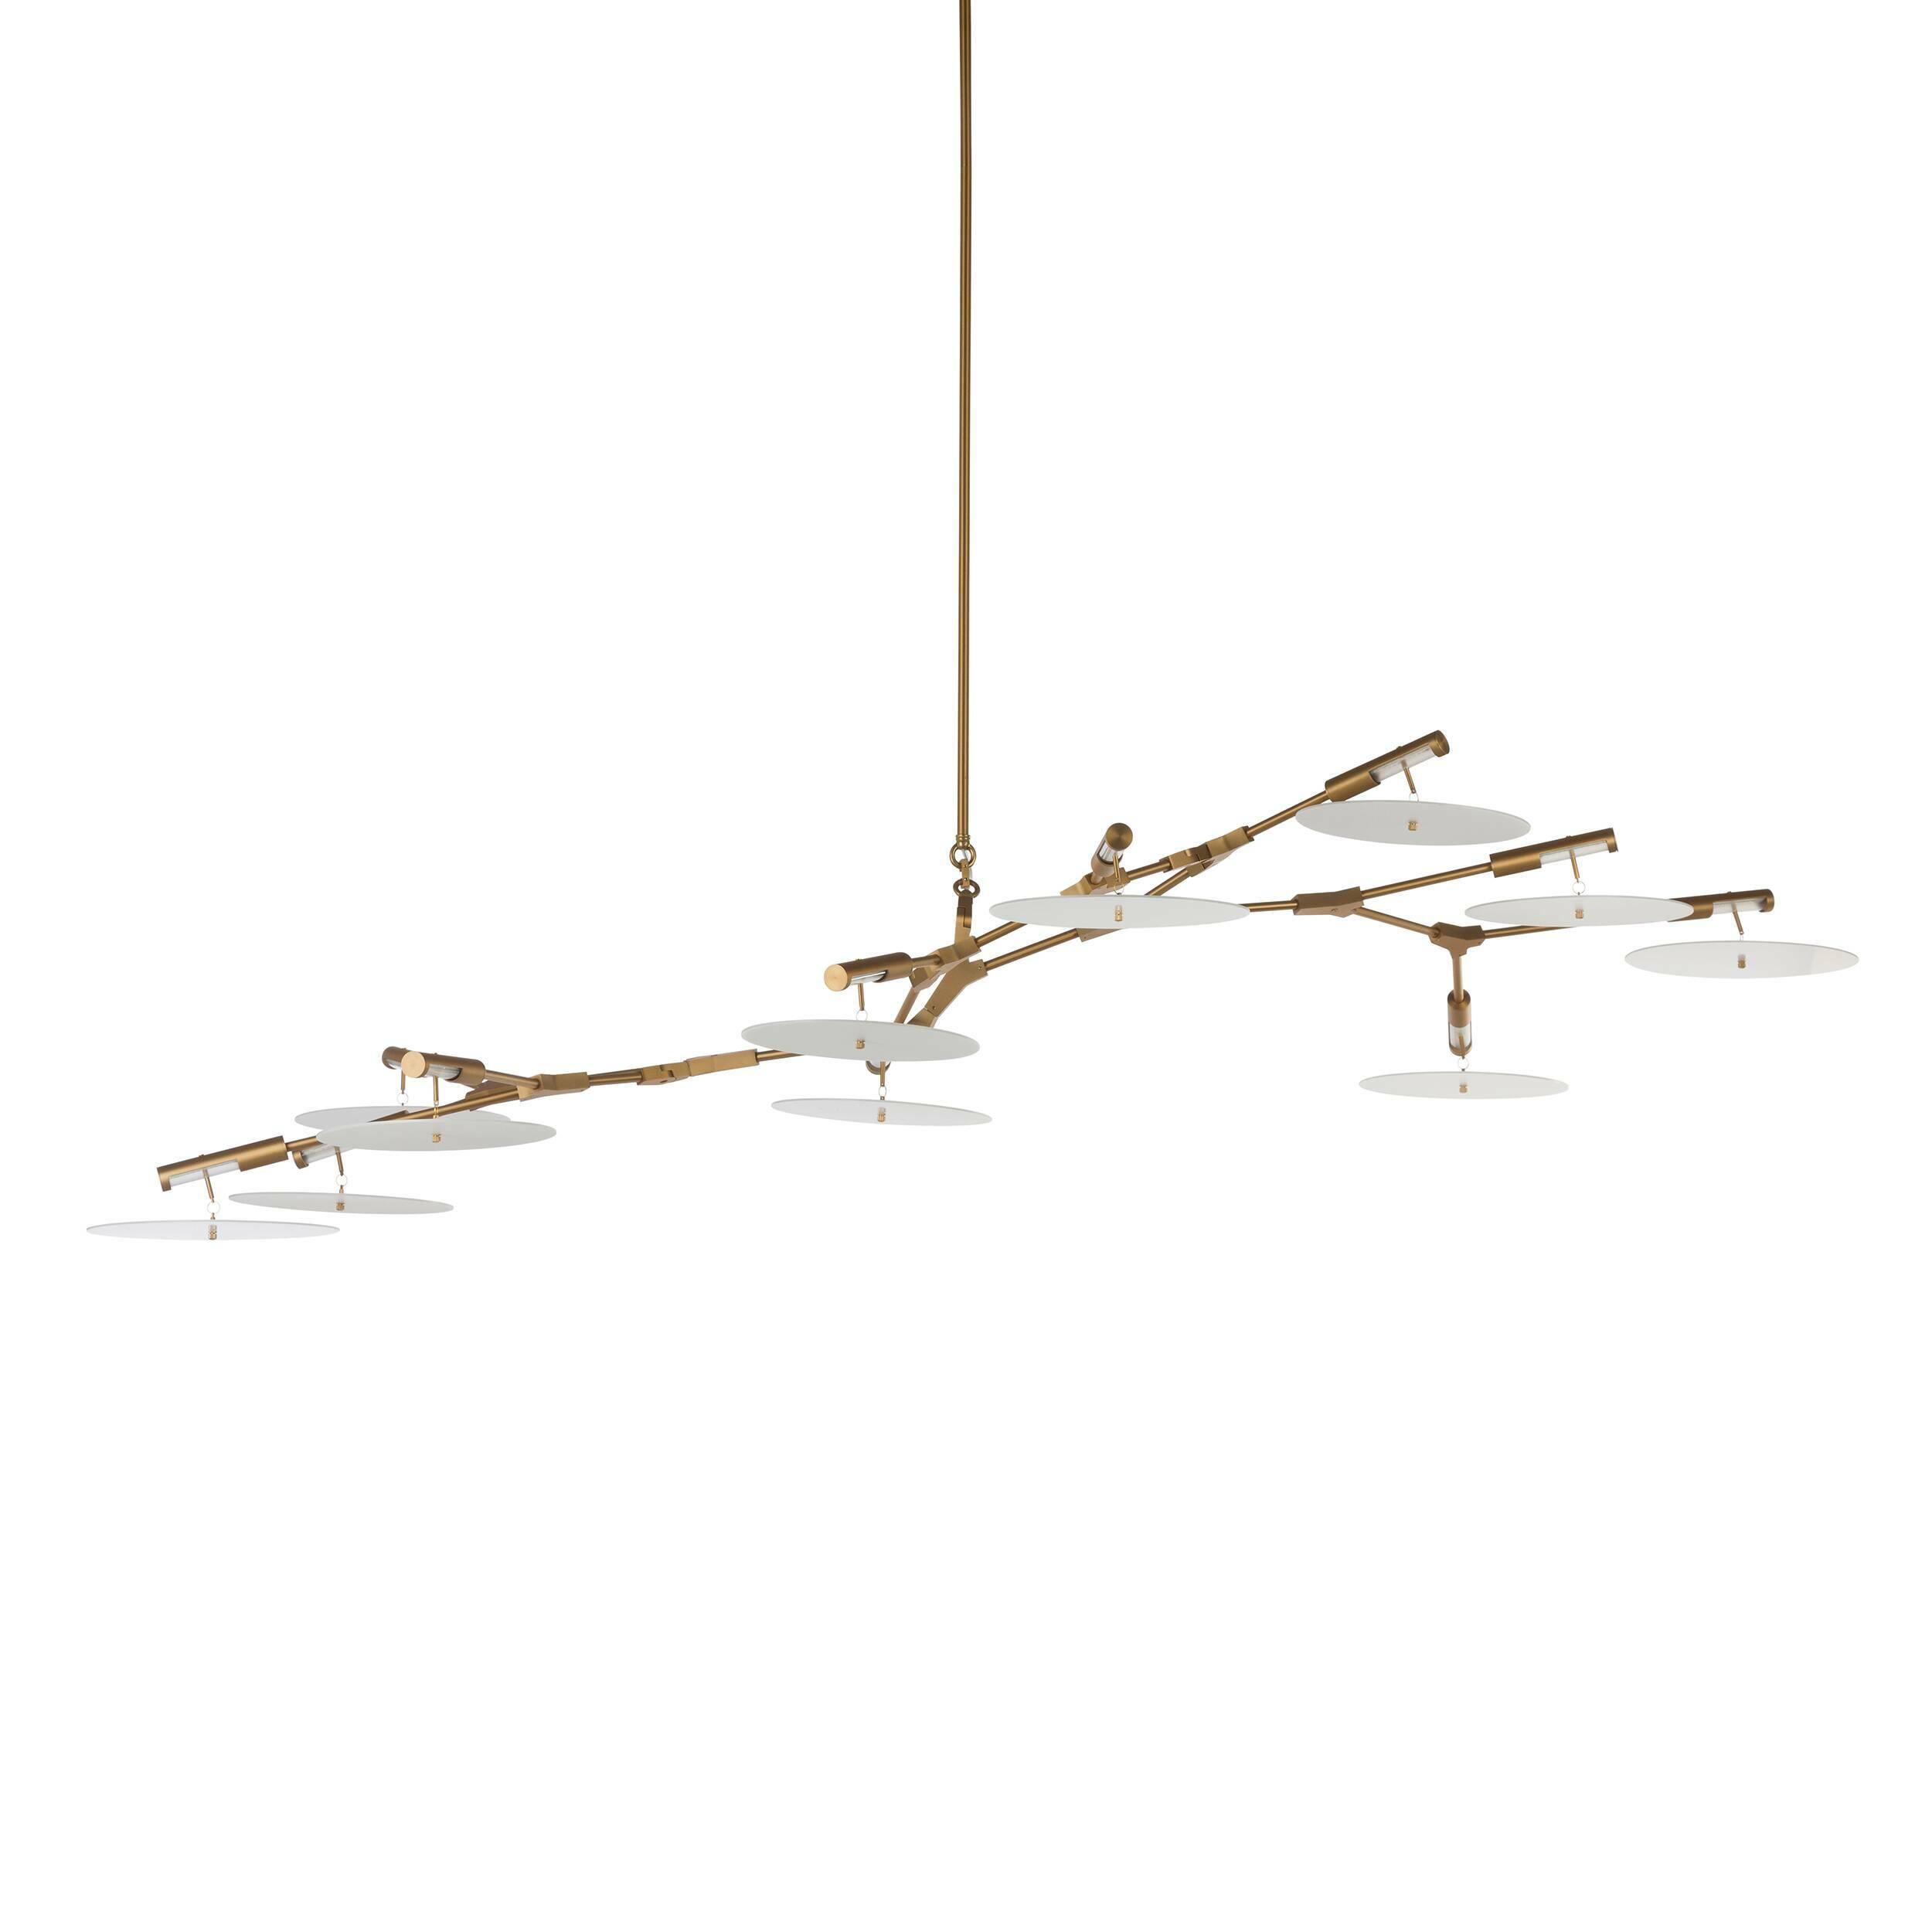 Подвесной светильник Branching Discs 11 лампПодвесные<br>Линдси Адельман, необычайно популярный западный дизайнер, прославившаяся благодаря созданным ею осветительным приборам, создала необычайно интересное и красивое изделие — подвесной светильник Branching Discs 11 ламп, который способен легко вписаться в любой интерьер, оформленный в современном стиле. Branching Discs — это отличное решение для гармоничного освещения любого типа помещений.<br><br><br><br><br> Плафоны светильника, напоминающие собой летающие тарелки, изготовлены из прочного акрила, ко...<br><br>stock: 1<br>Высота: 200<br>Ширина: 100<br>Длина: 240<br>Количество ламп: 11<br>Материал абажура: Акрил<br>Материал арматуры: Сталь<br>Мощность лампы: 3<br>Ламп в комплекте: Нет<br>Напряжение: 220<br>Тип лампы/цоколь: LED<br>Цвет абажура: Белый<br>Цвет арматуры: Золотой